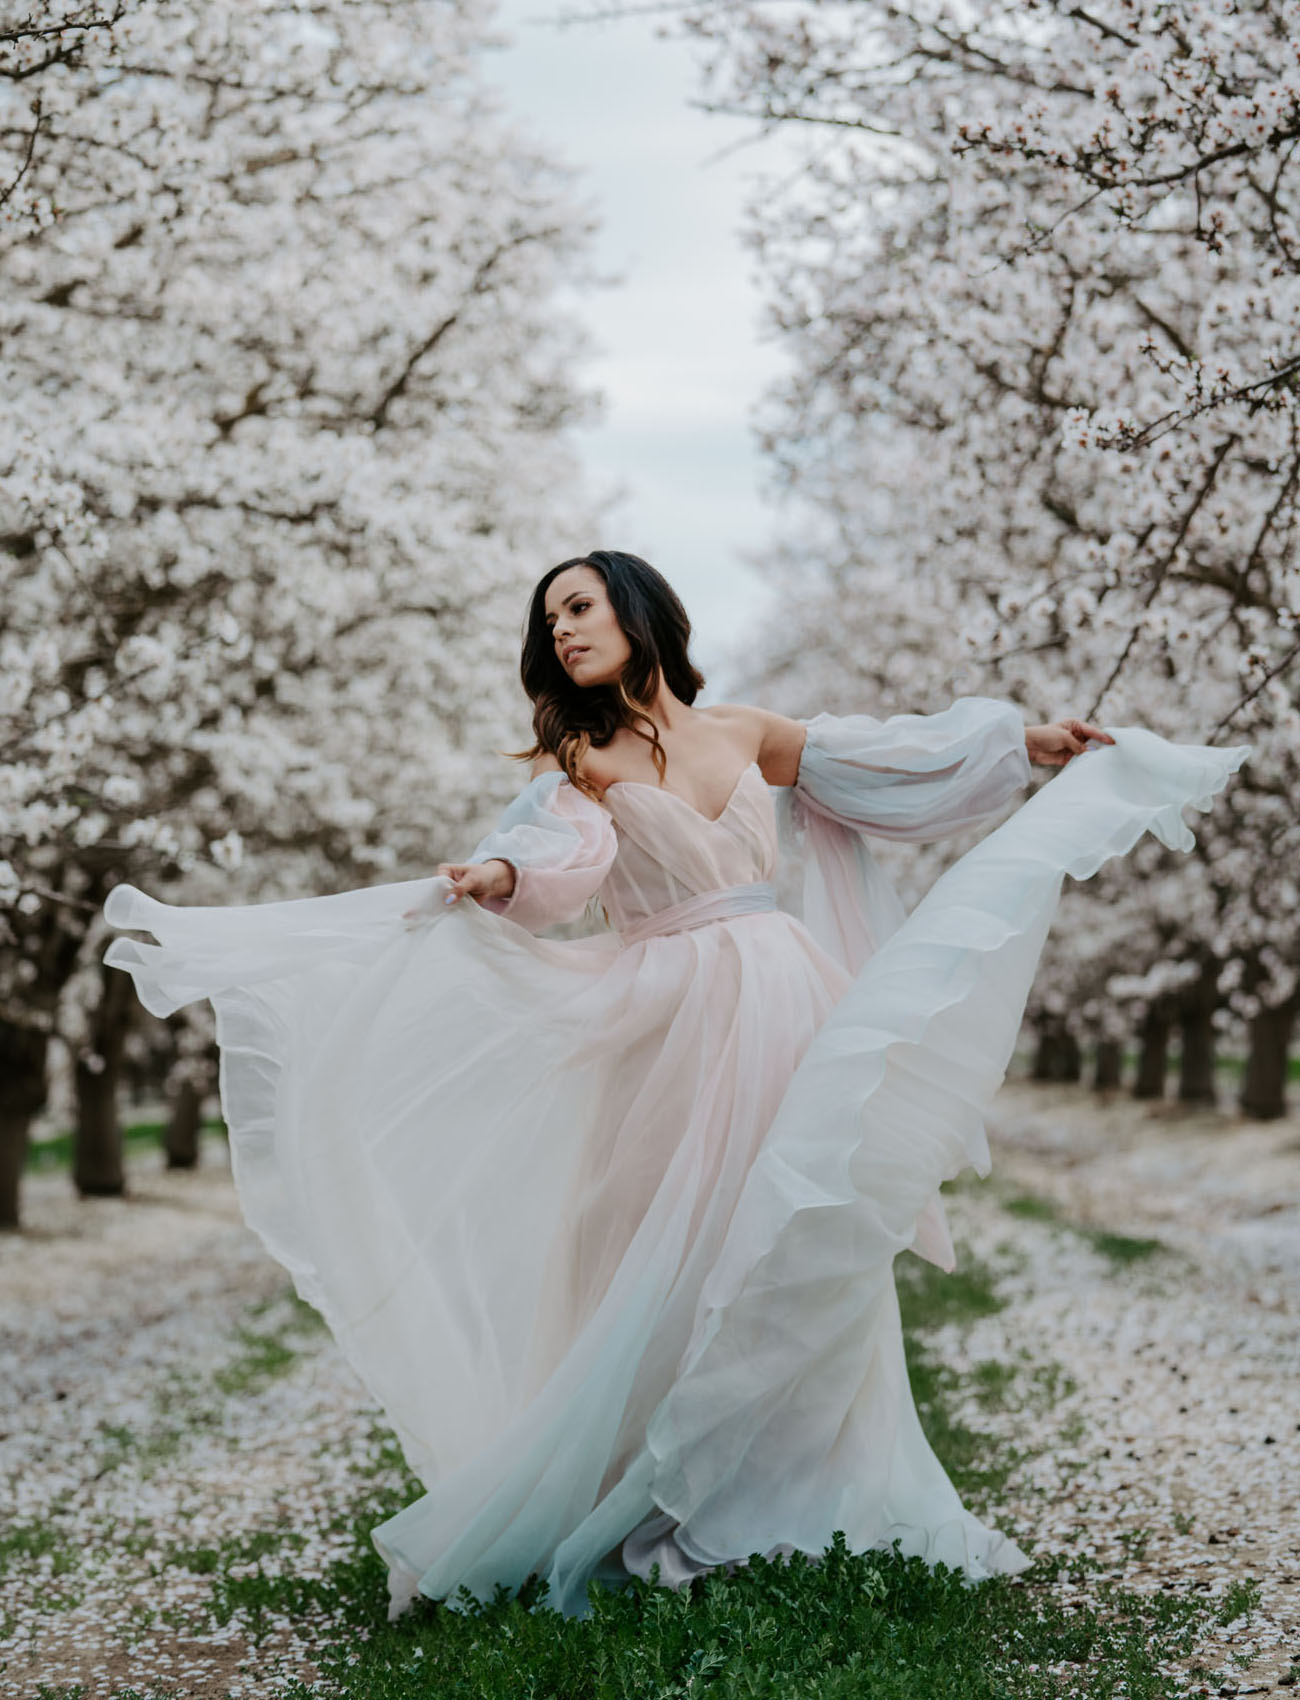 Claire La Faye Dress